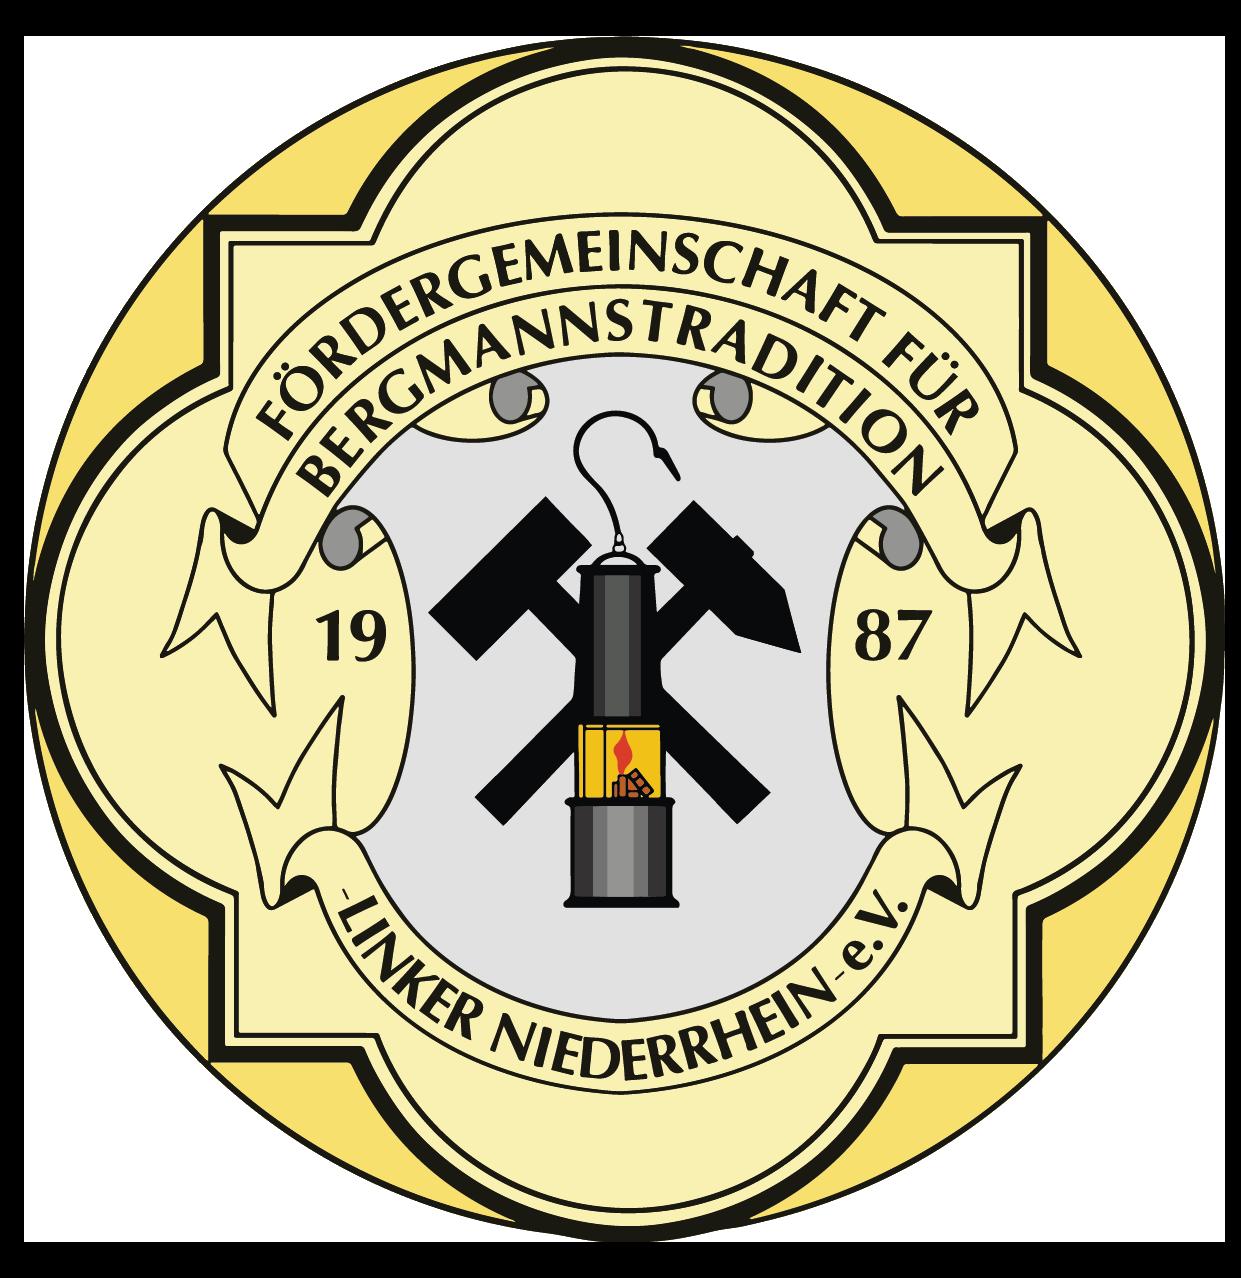 Fördergemeinschaft für Bergmannstradition - Linker Niederhein - e.V.